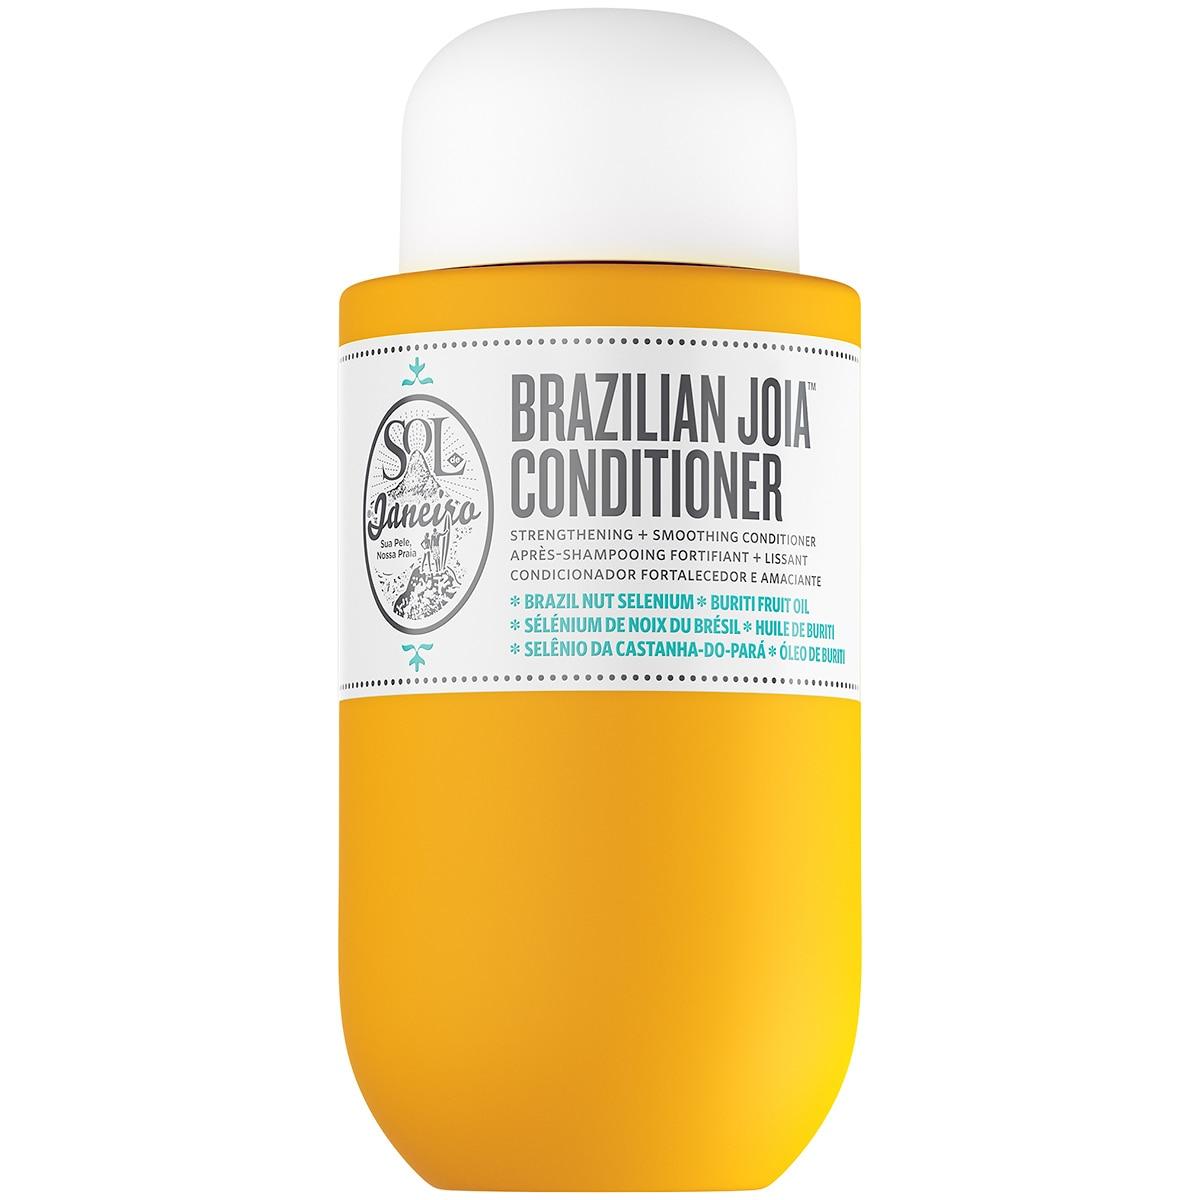 BRAZILIAN JOIA CONDITIONER